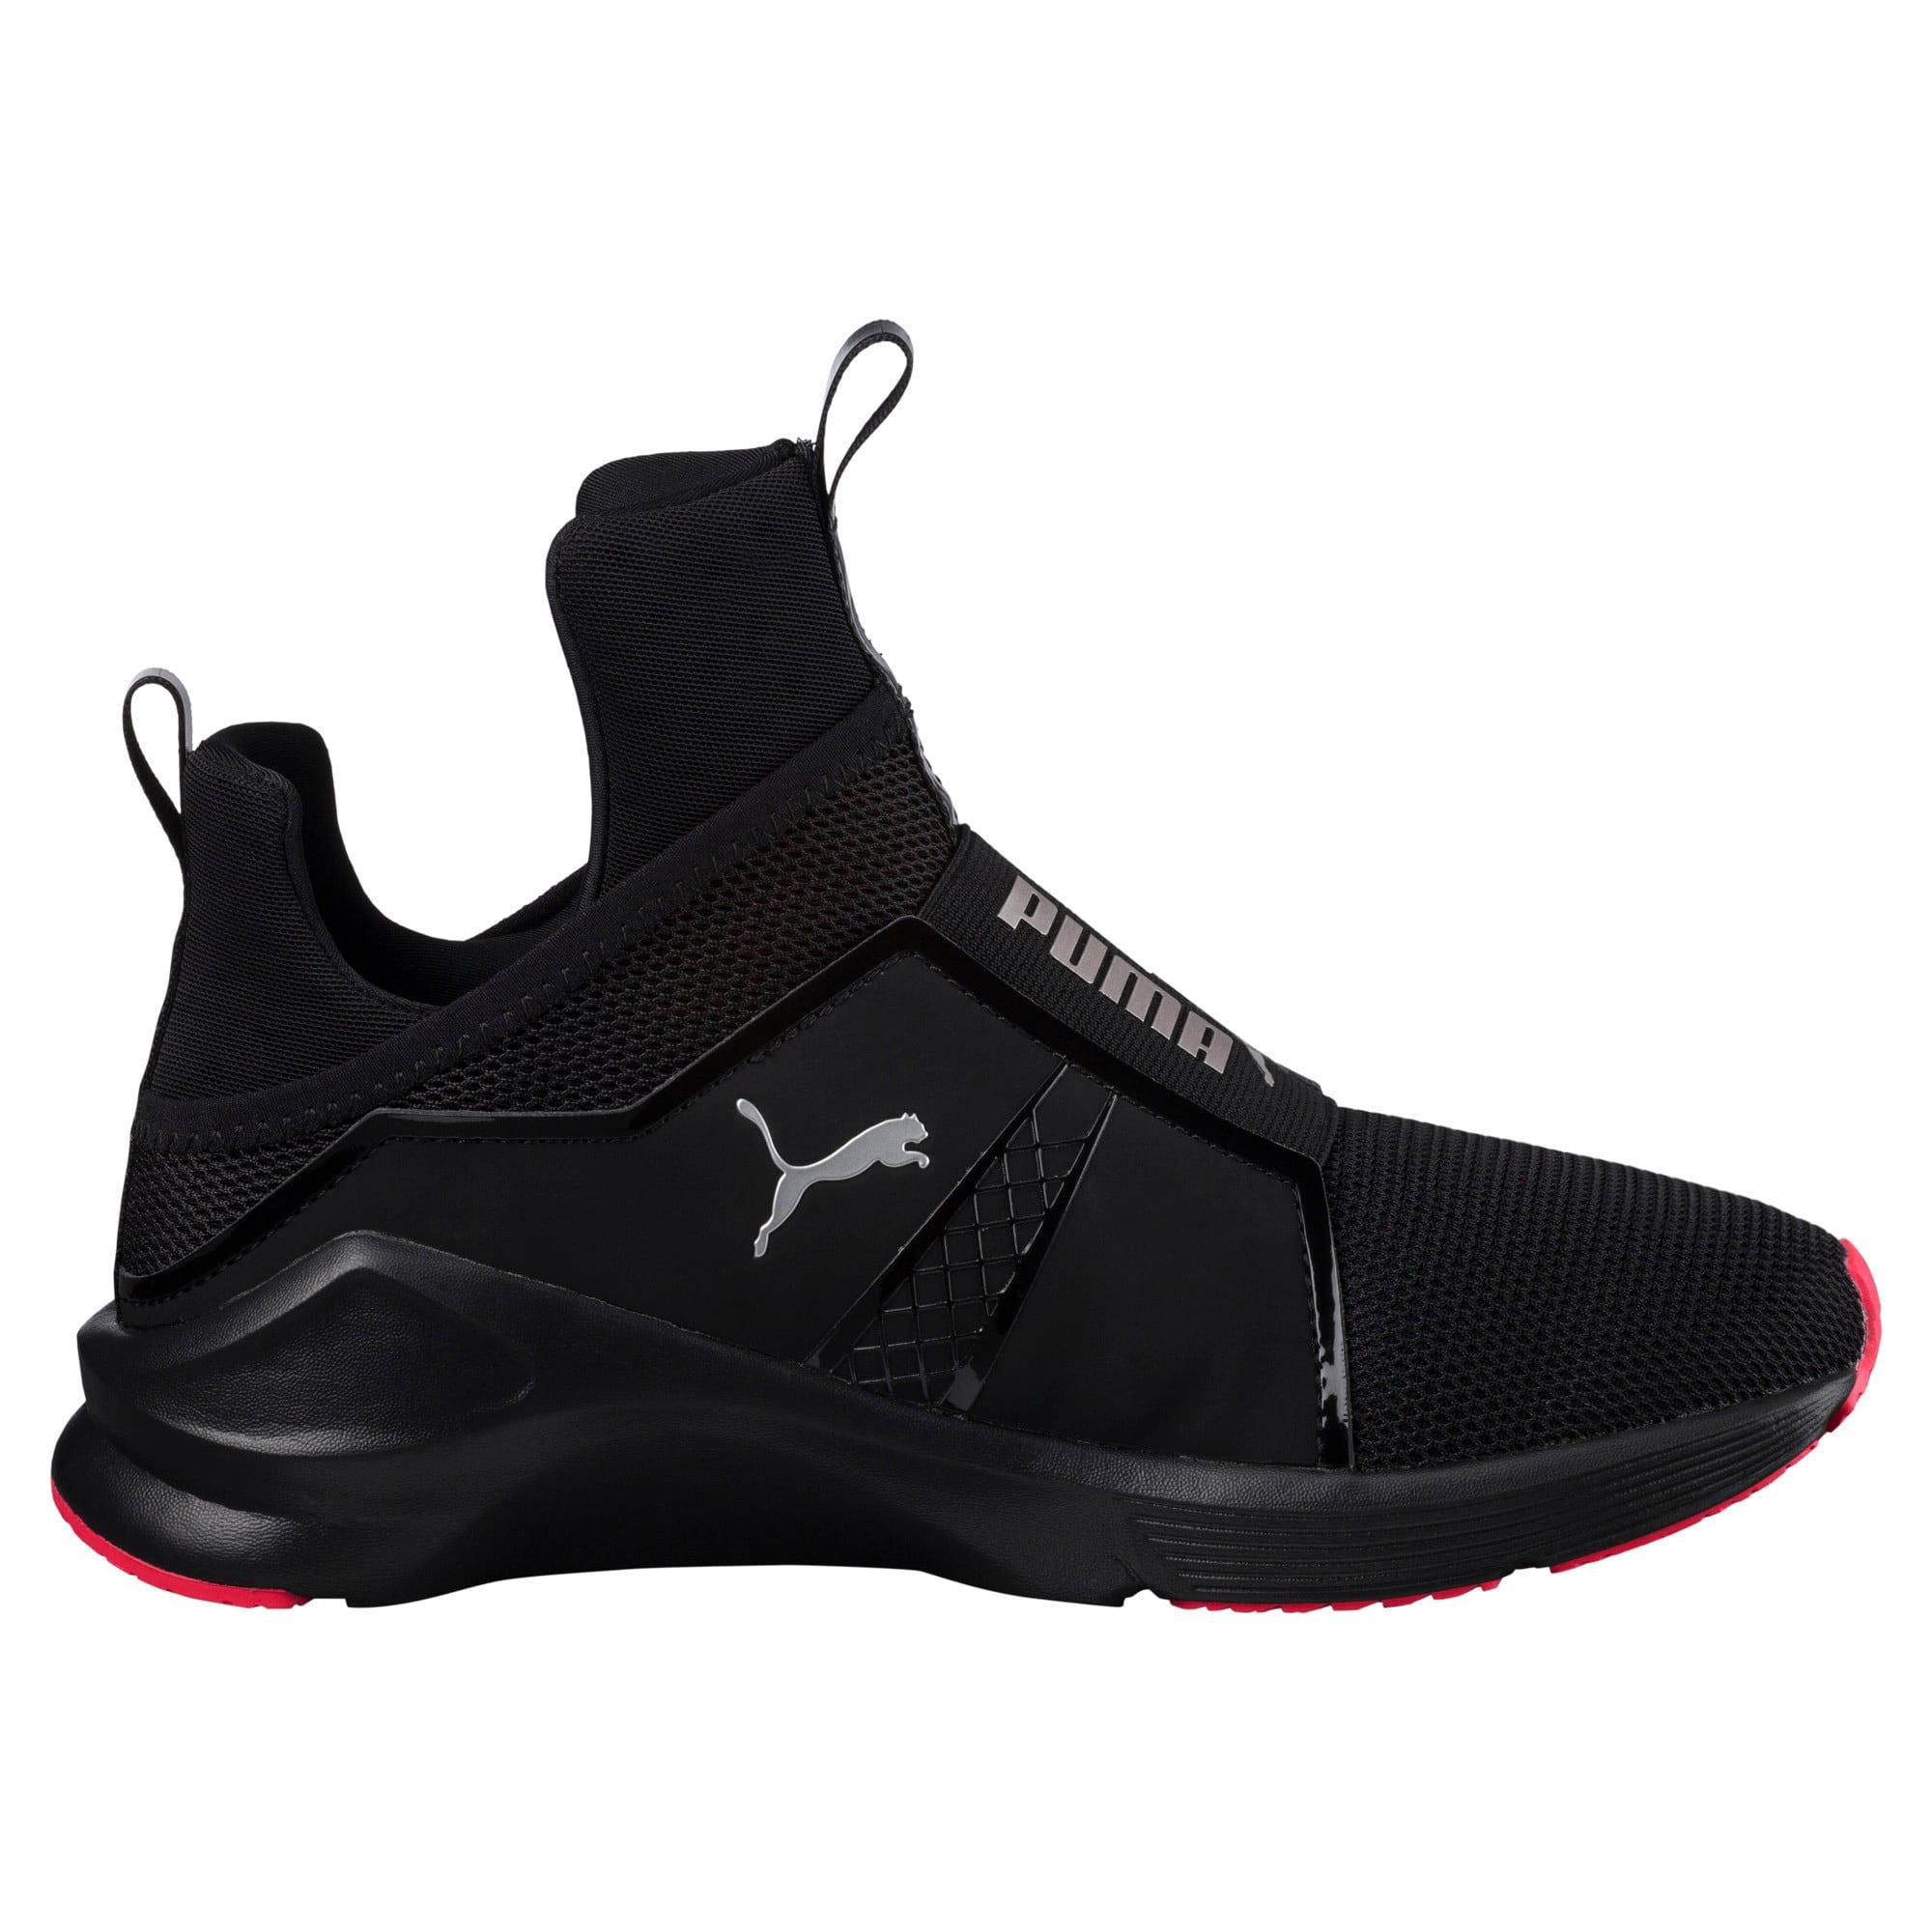 Puma Fierce Core chaussure d'entrainement femme